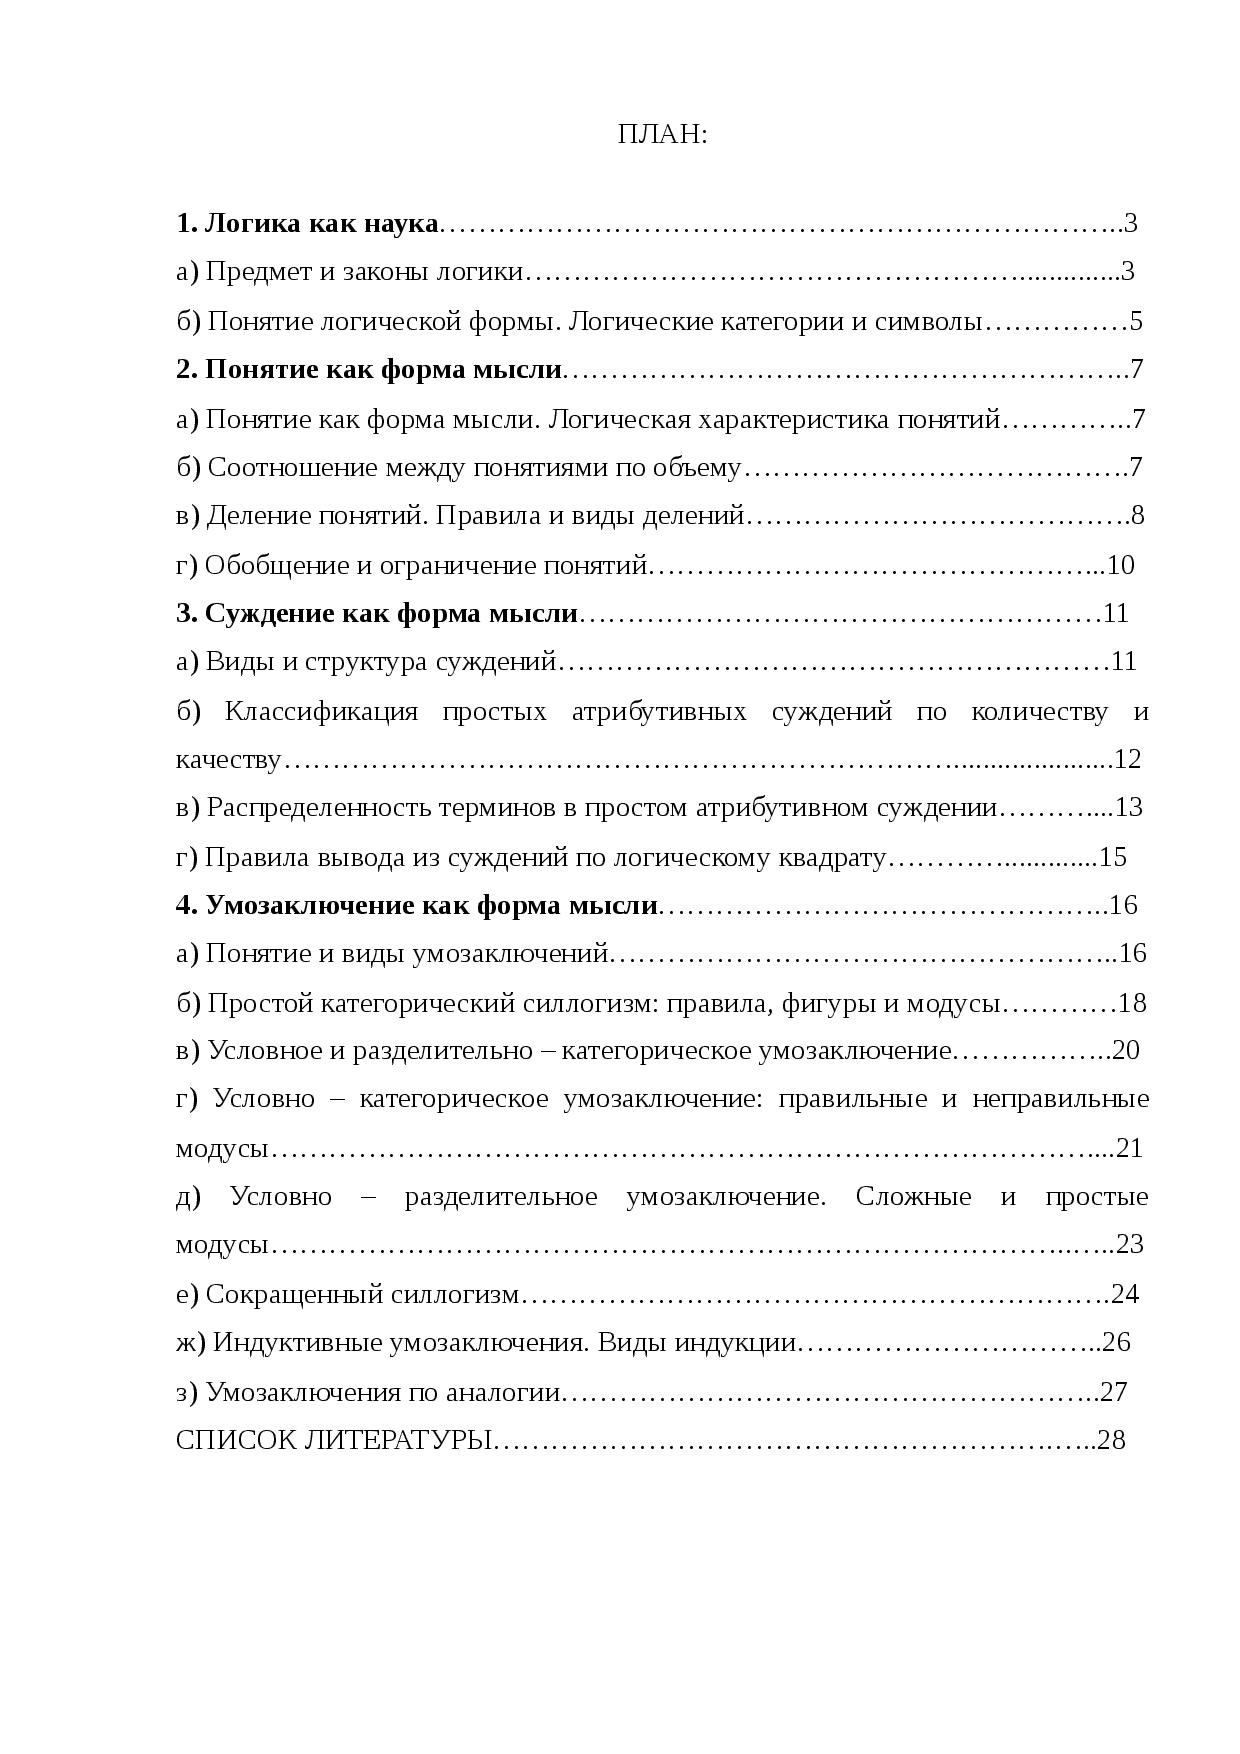 Умозаключение и связь предложений. логика: учебник для студентов юридических вузов и факультетов